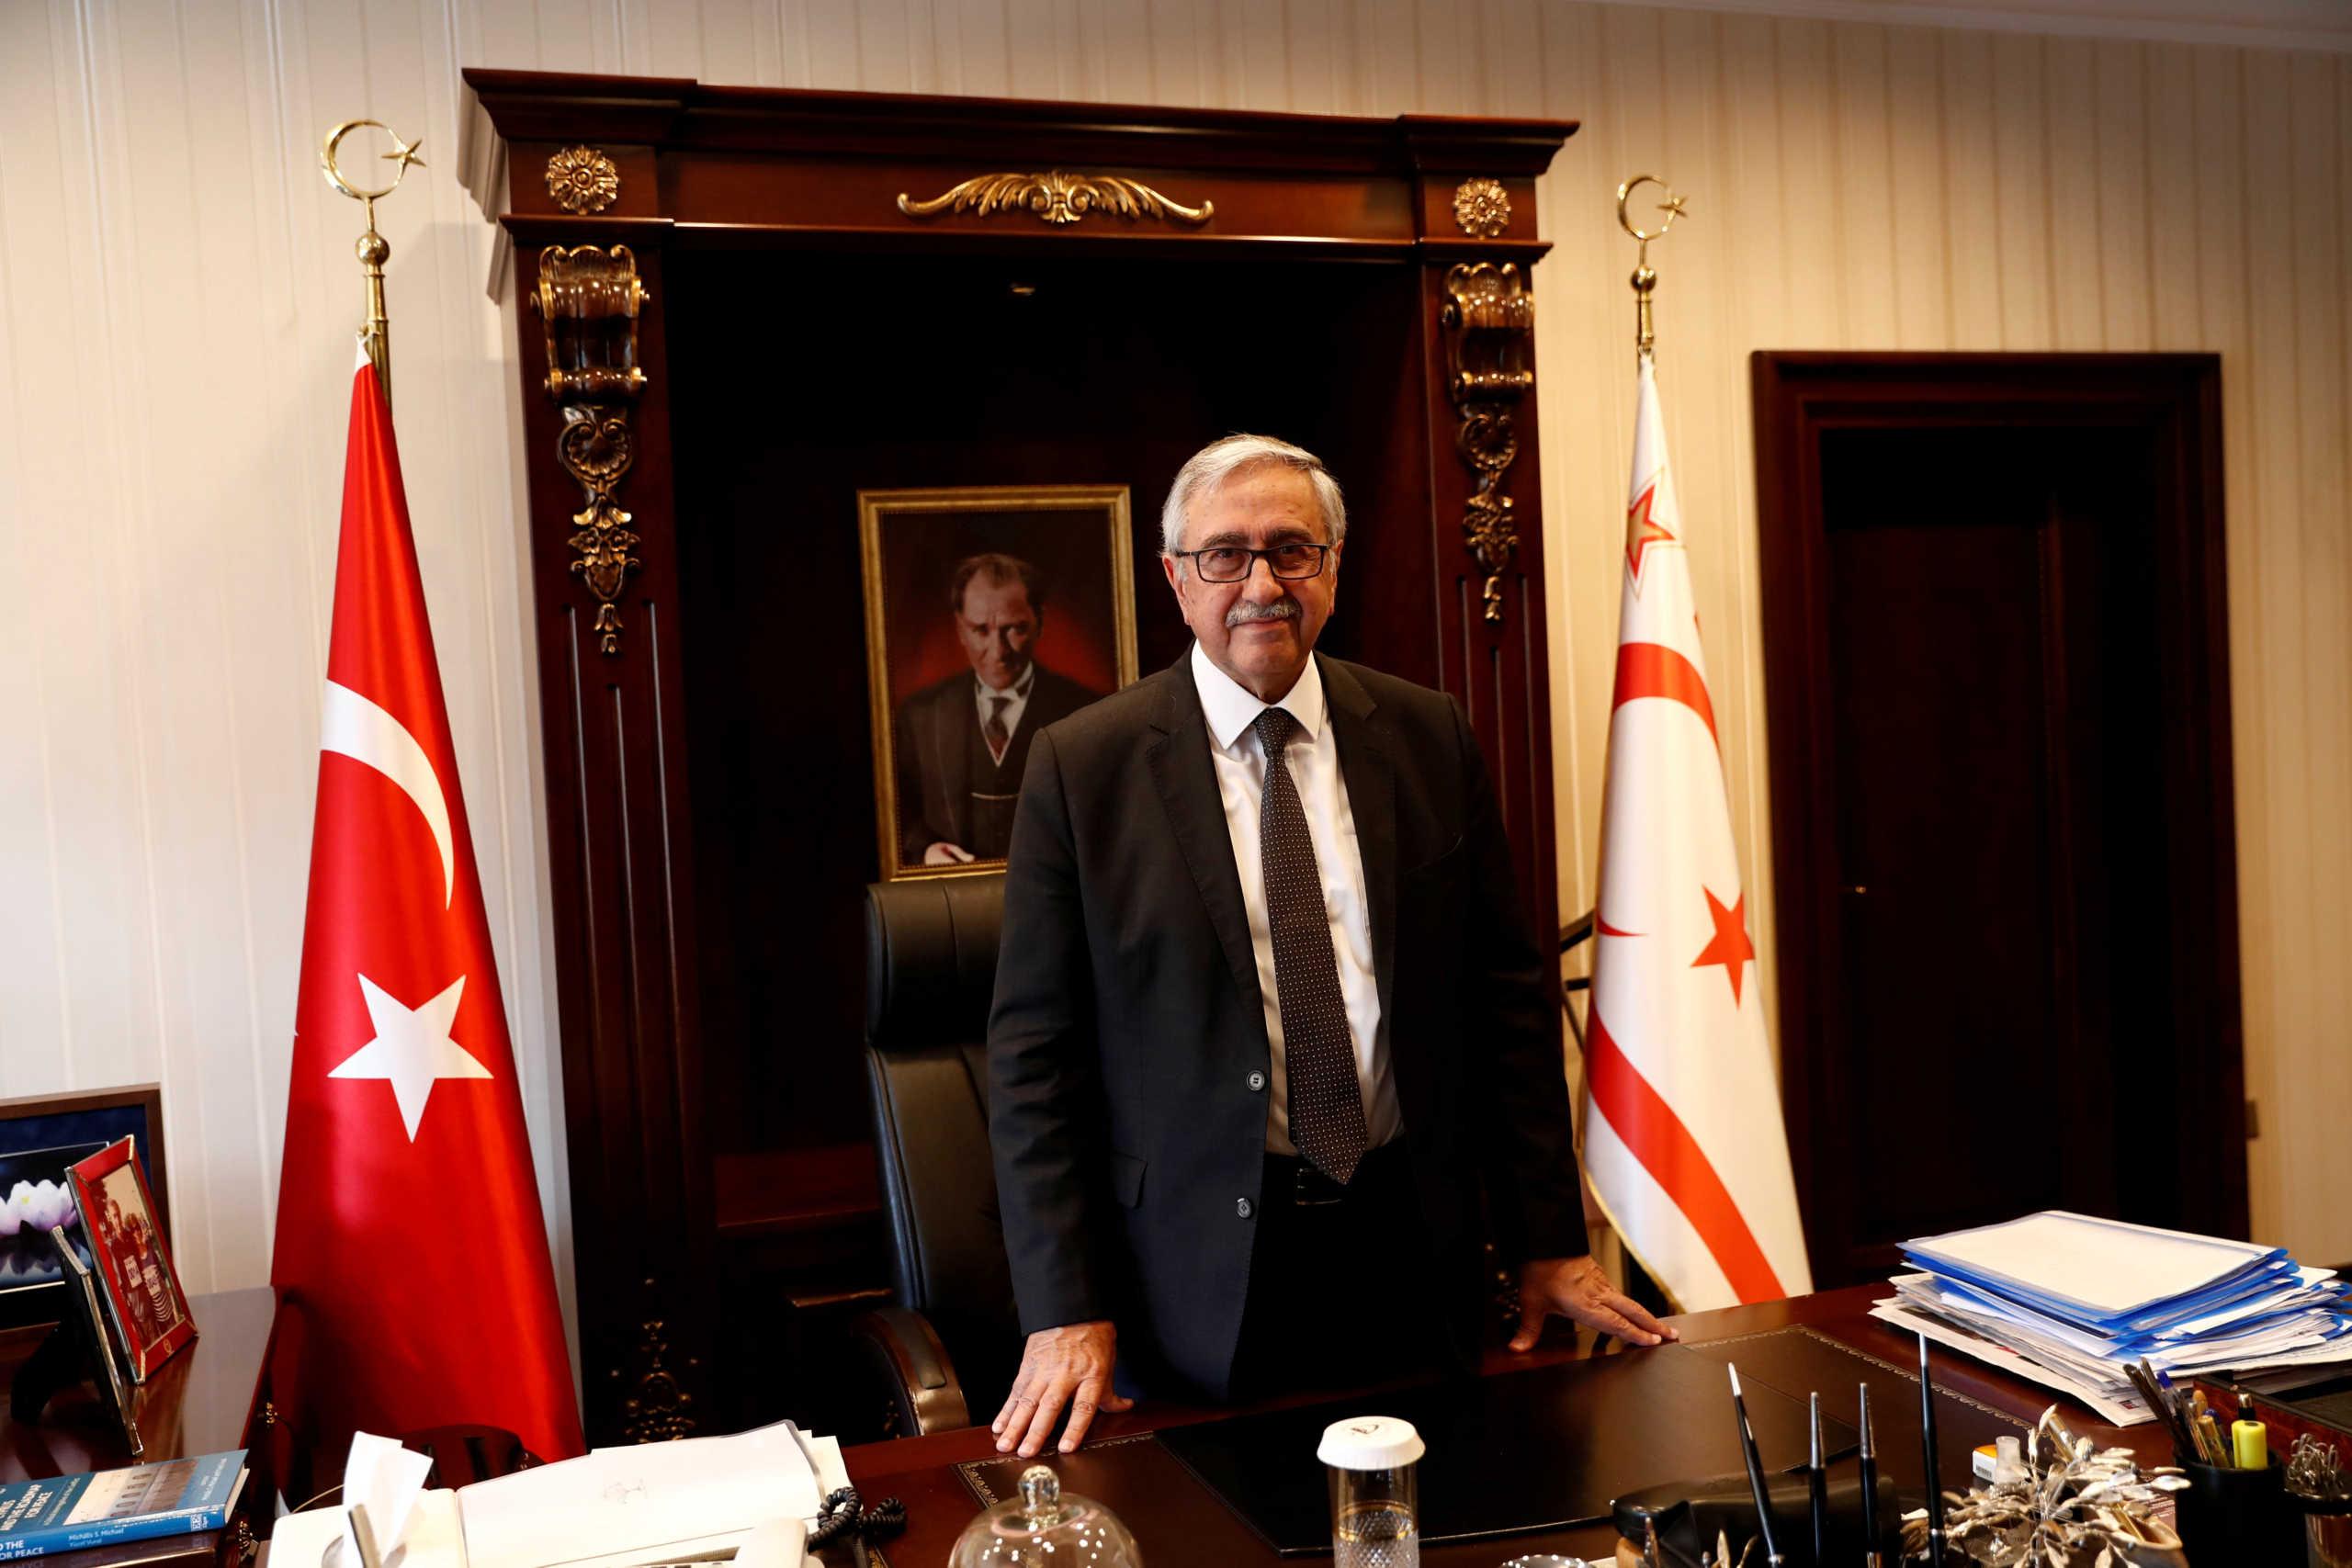 """Κατεχόμενα: """"Καταπέλτης"""" ο Ακιντζί κατά Τατάρ πριν τον δεύτερο γύρο εκλογών – Τον κατηγορεί ως """"αχυράνθρωπο"""" της Τουρκίας"""